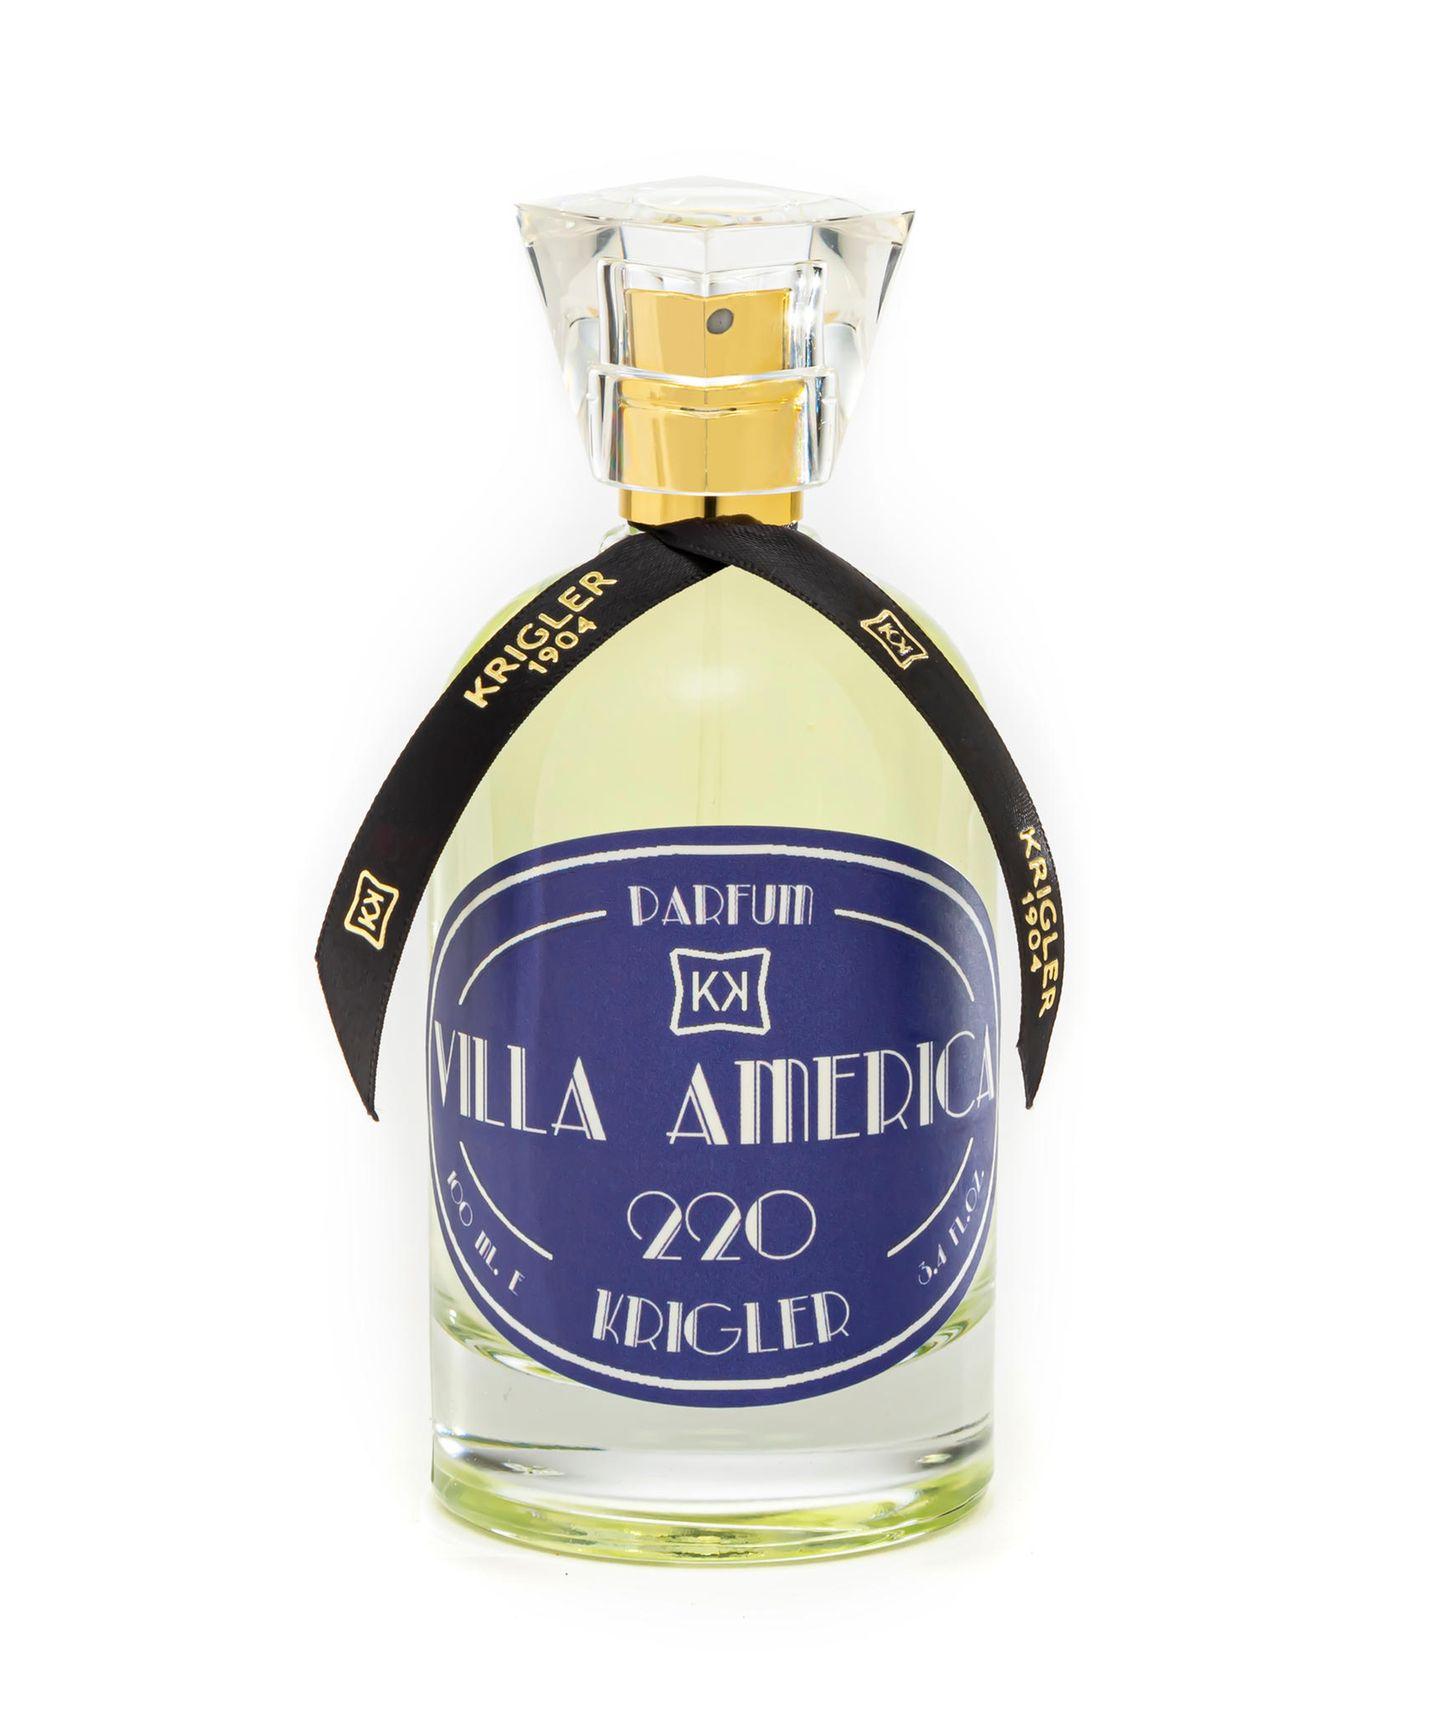 Parfum VILLA AMERICA 220 von Krigler